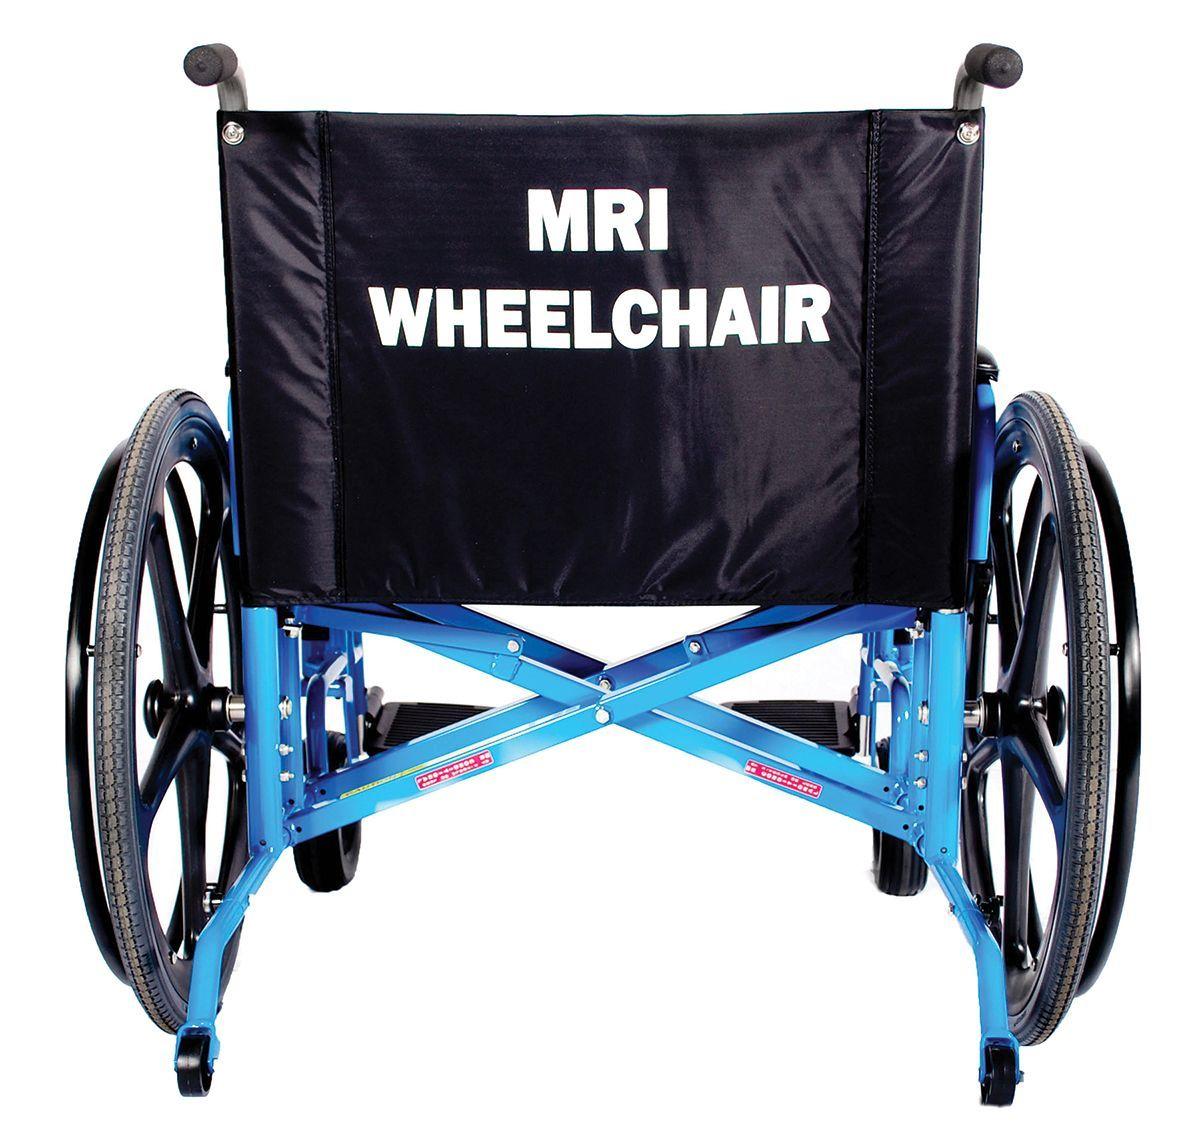 Gendron - MR4000 MRI Transport Wheelchair